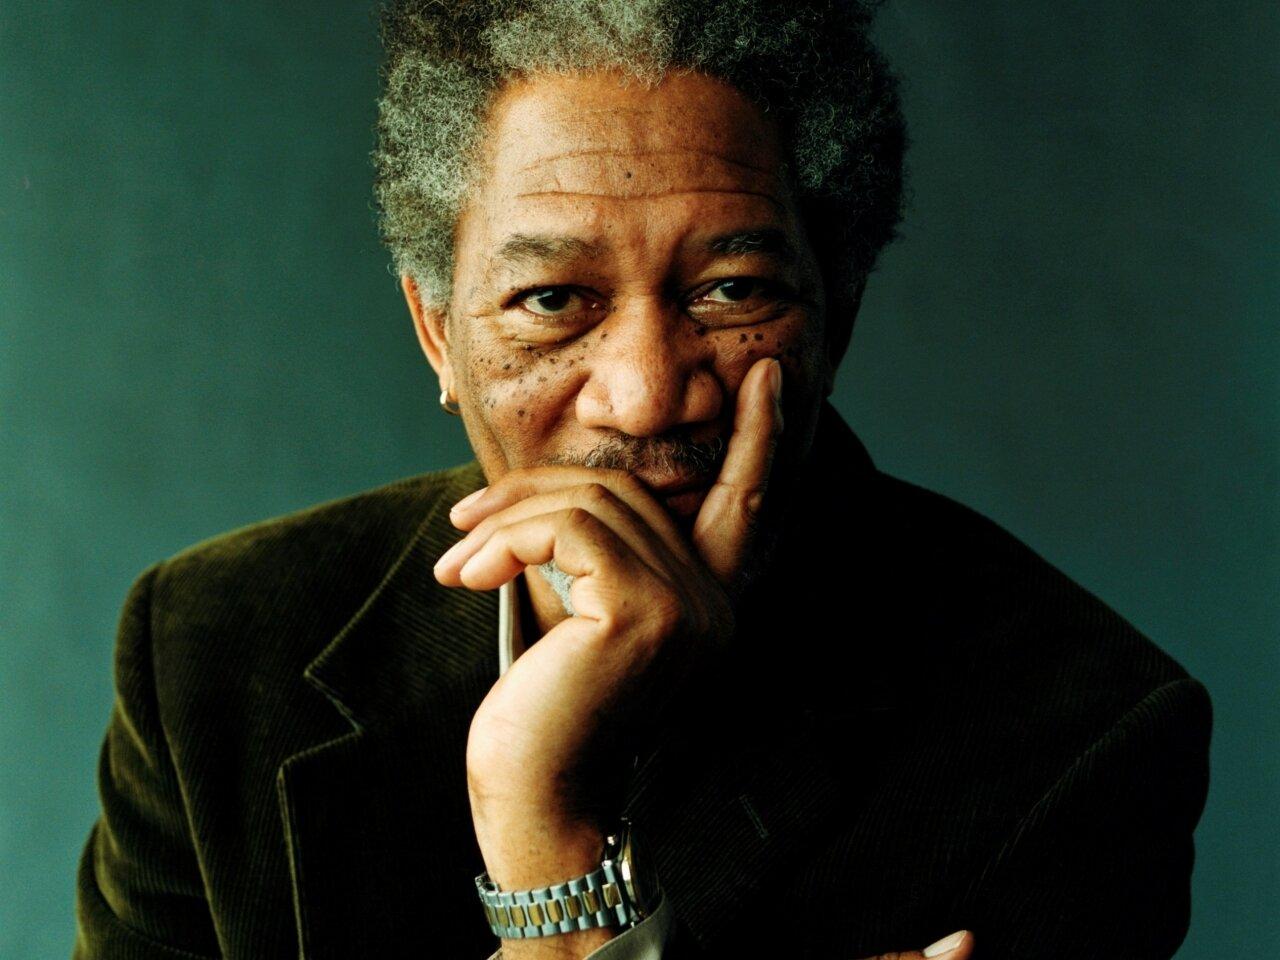 Mesajul lui Morgan Freeman pentru mine, pentru tine, pentru noi toți